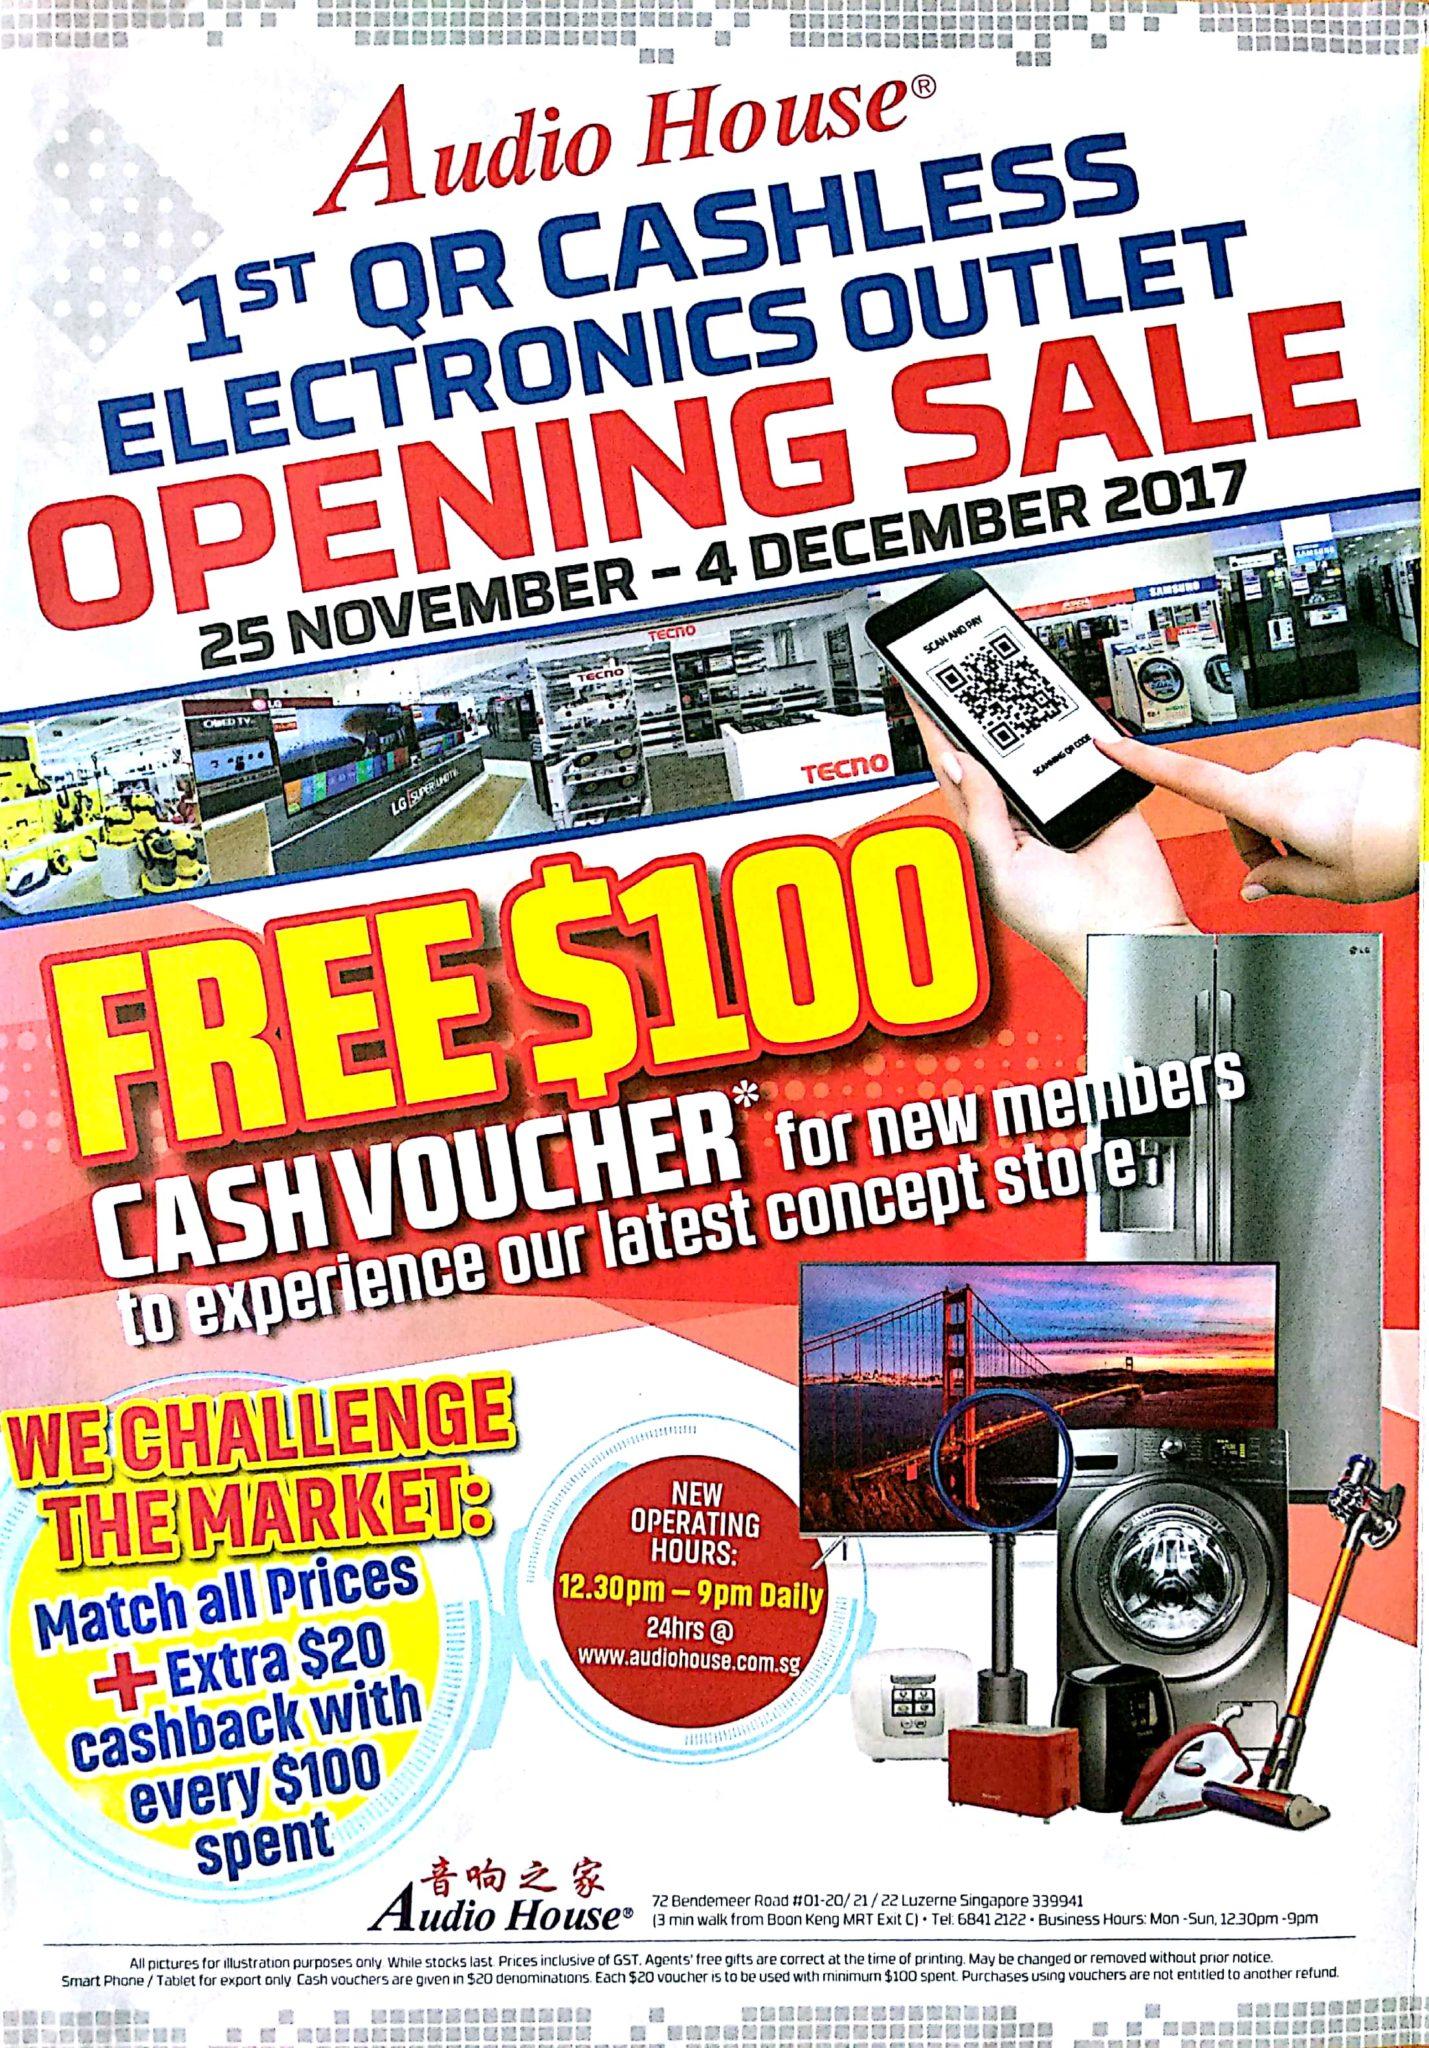 1st QR Cashless Elecrtronics Outlet Opening Sale   25 Nov - 4 Dec 2017   Audio House   Brochure pg1